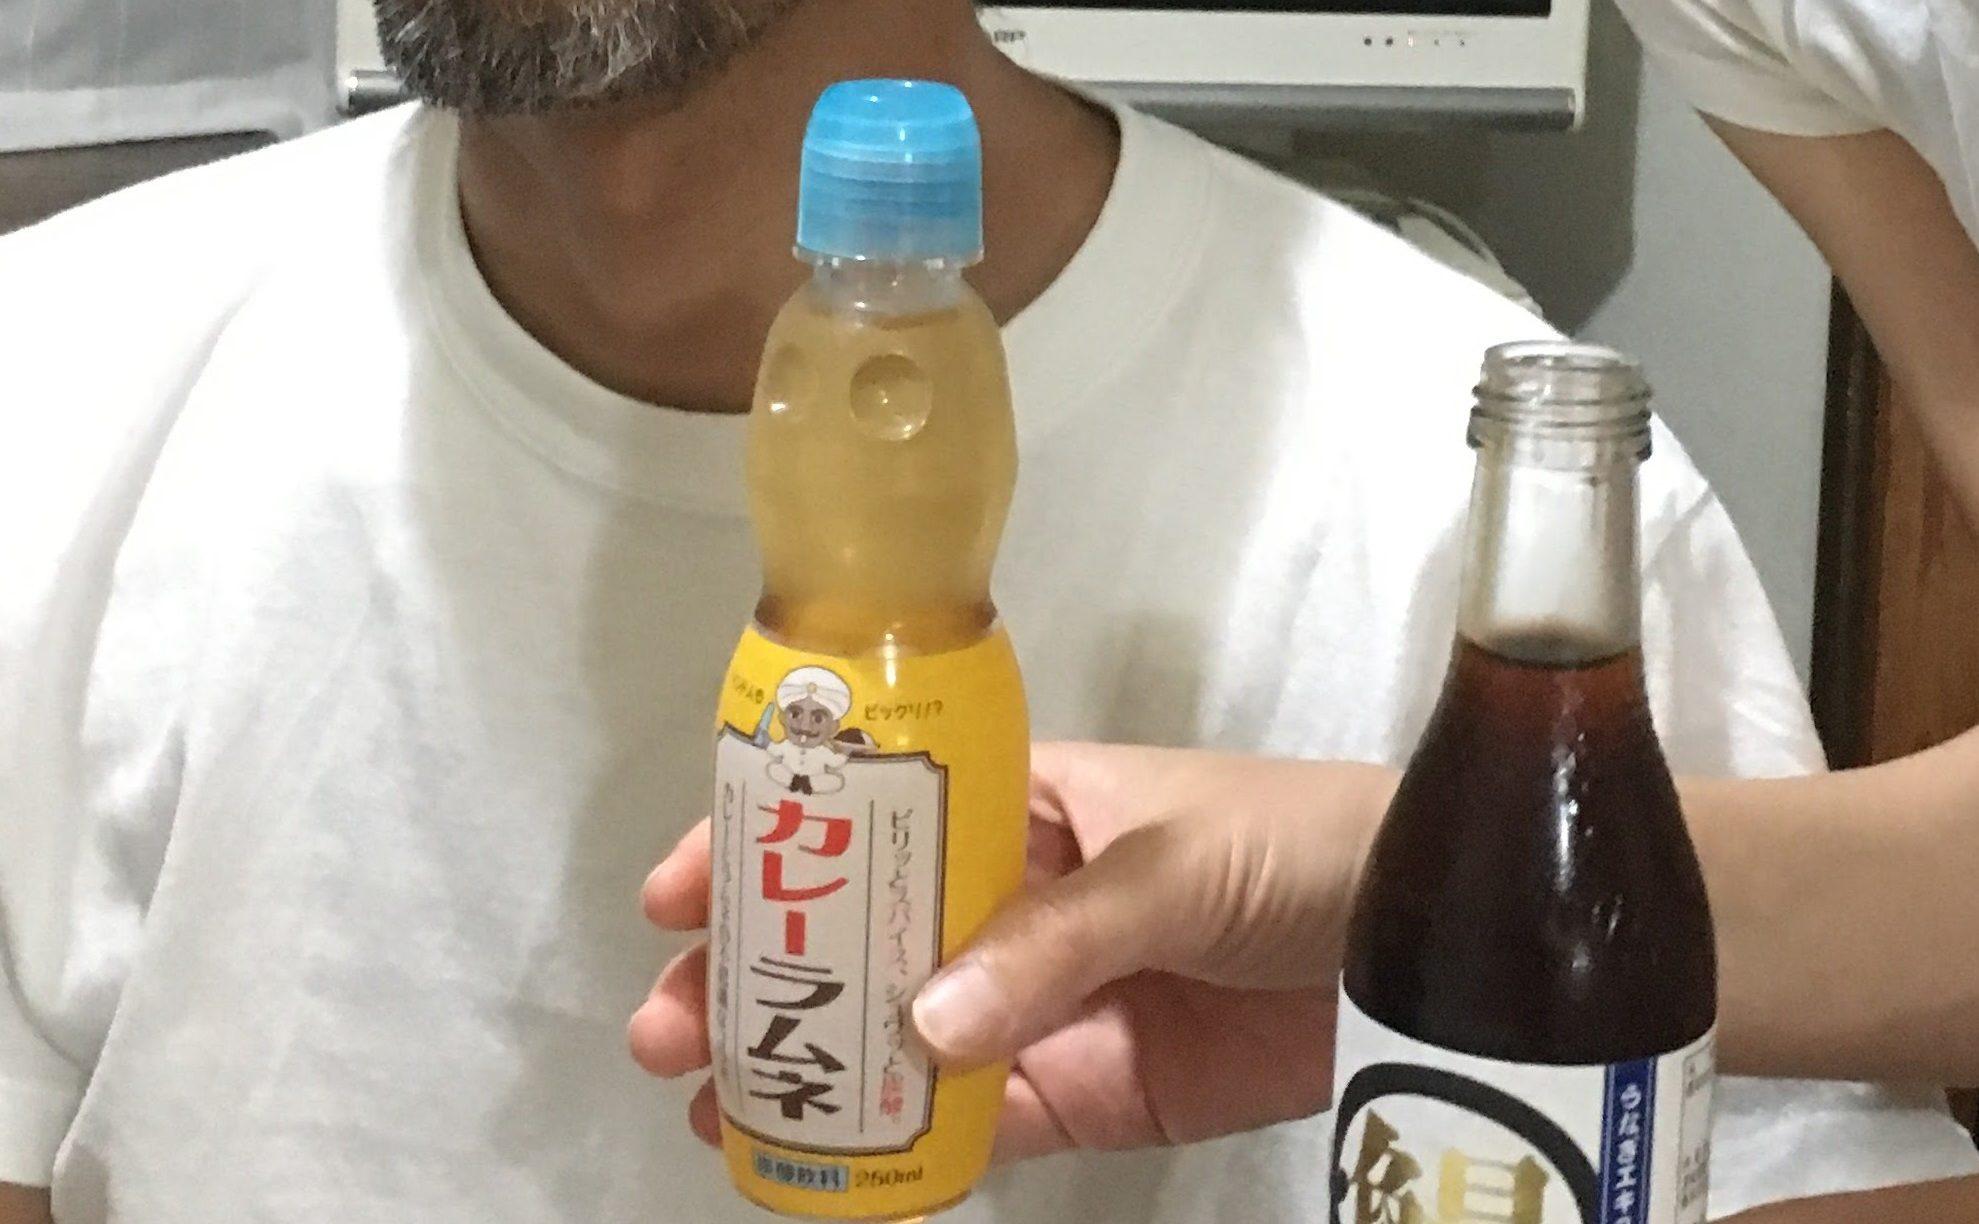 ゾゾッ・・背筋凍る!カレーラムネ・うなぎコーラ ヘンテコ飲料体験